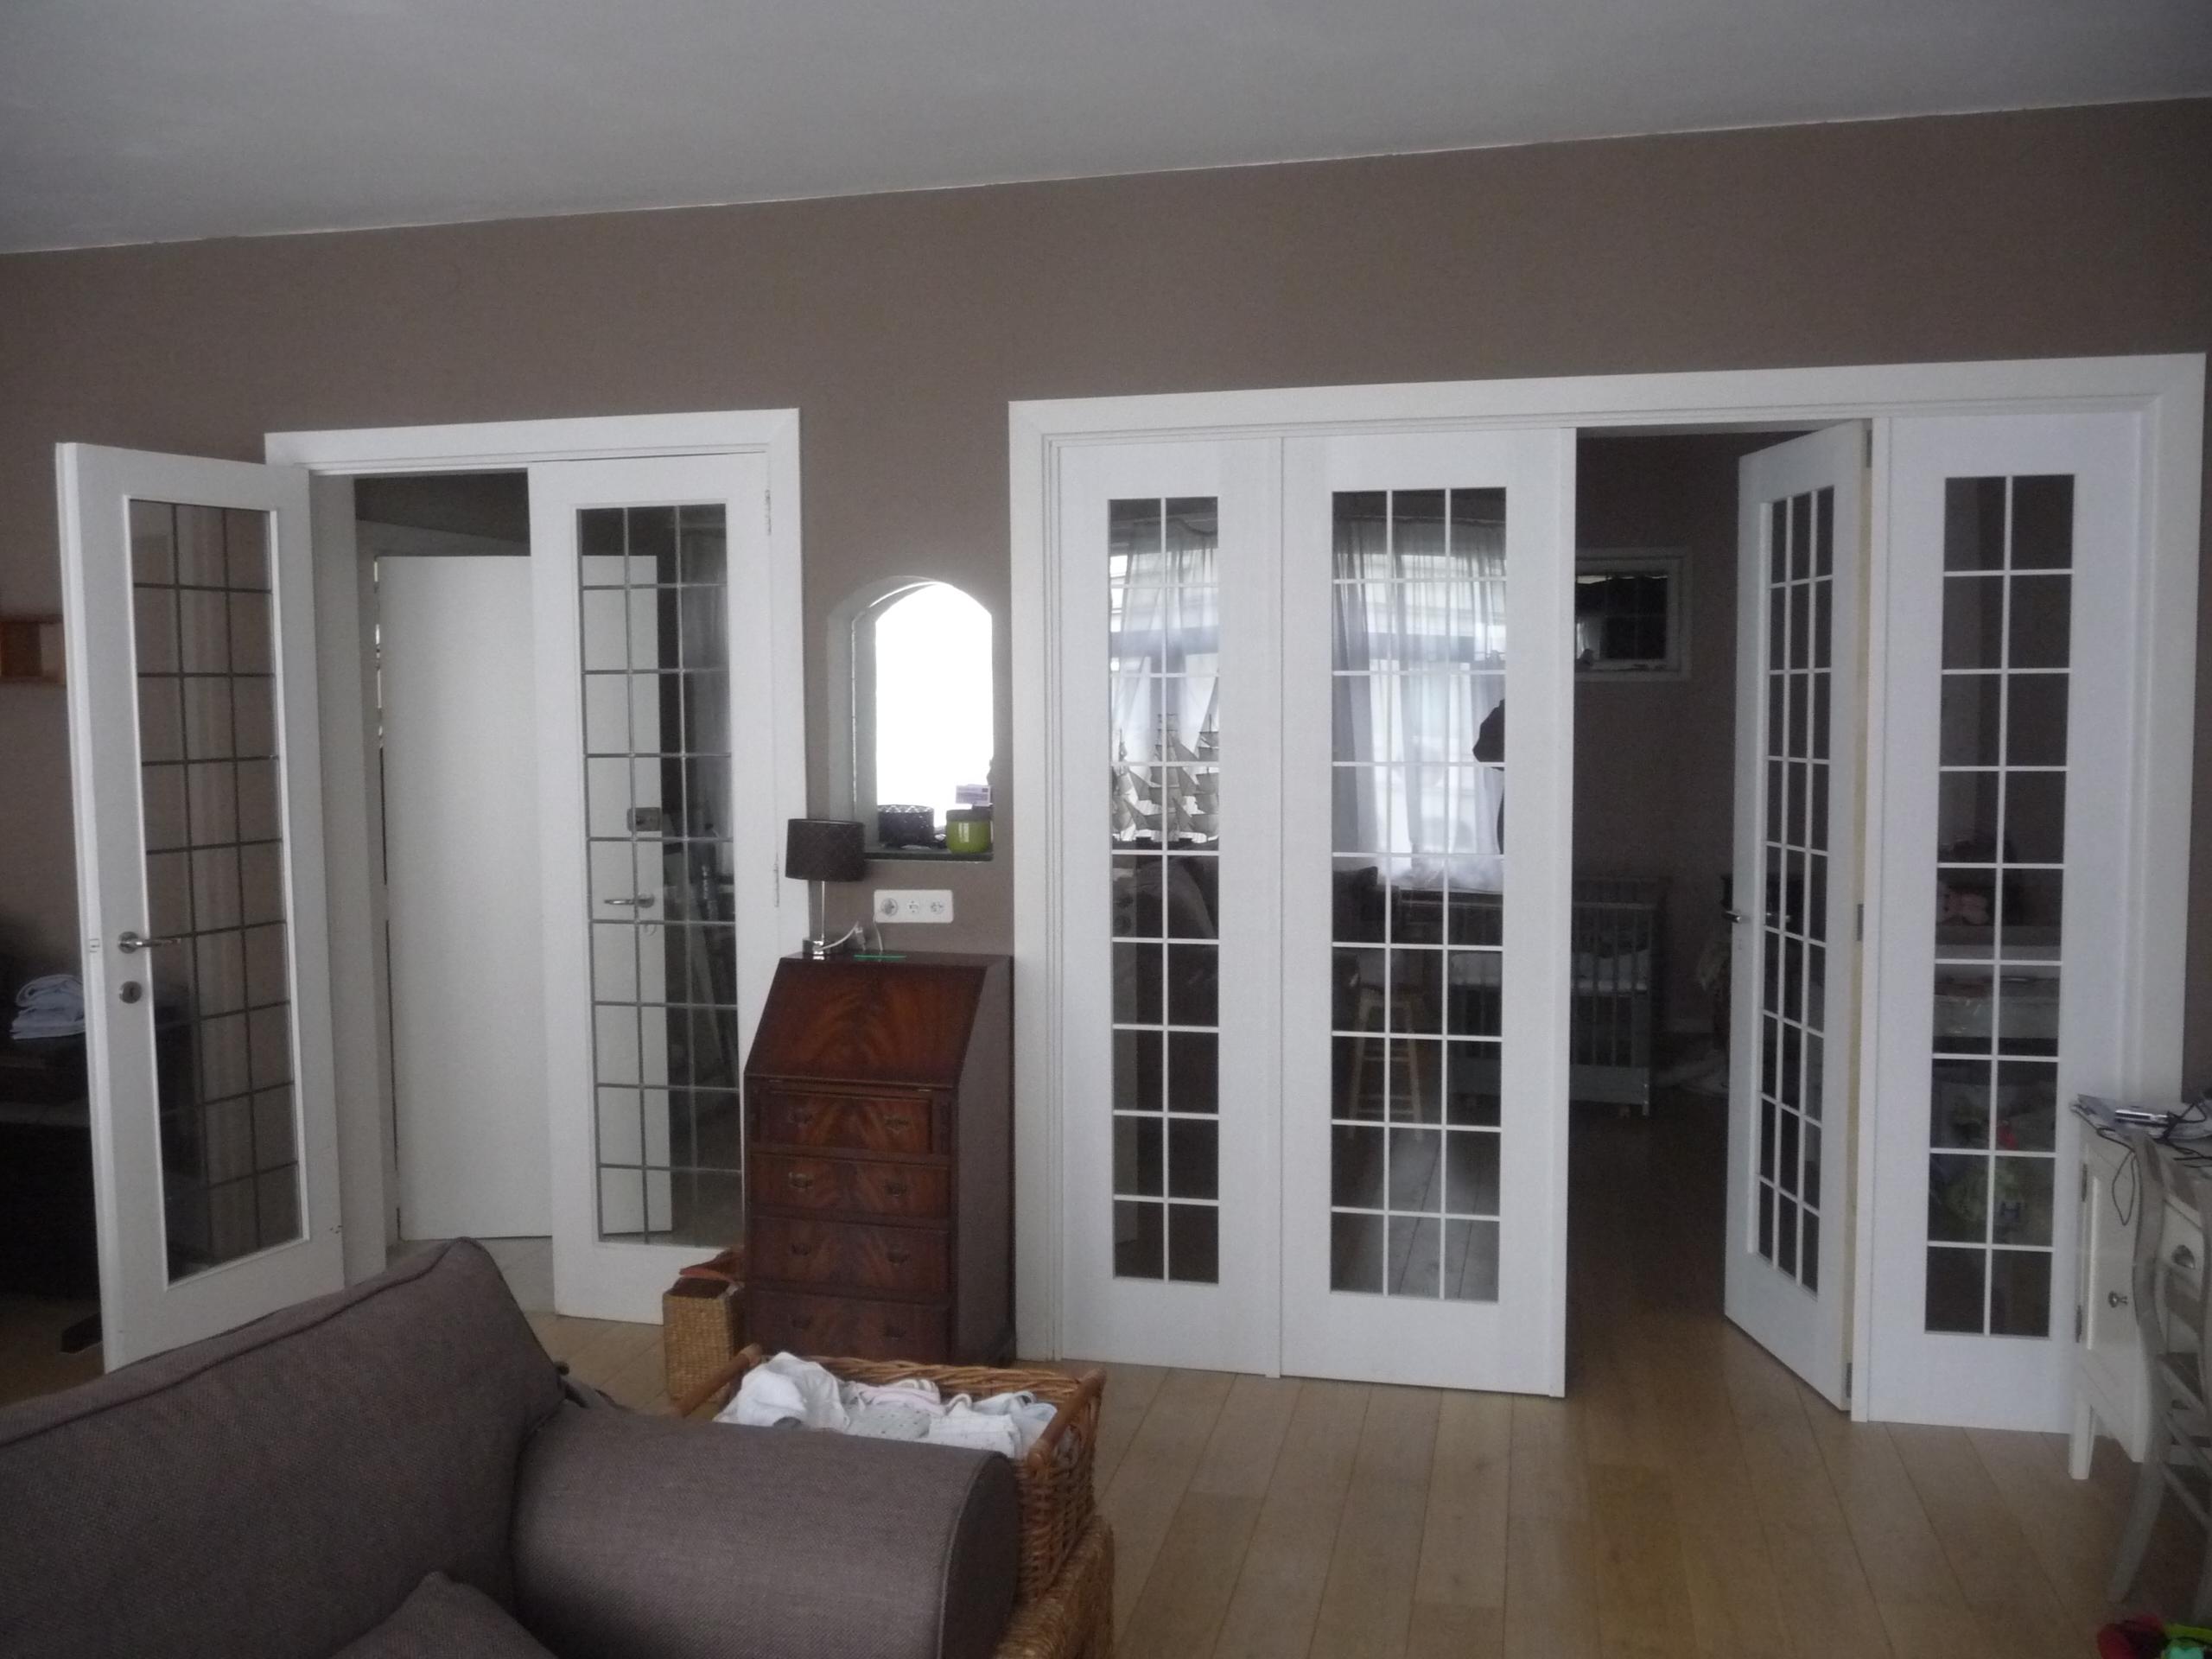 Replica of doors